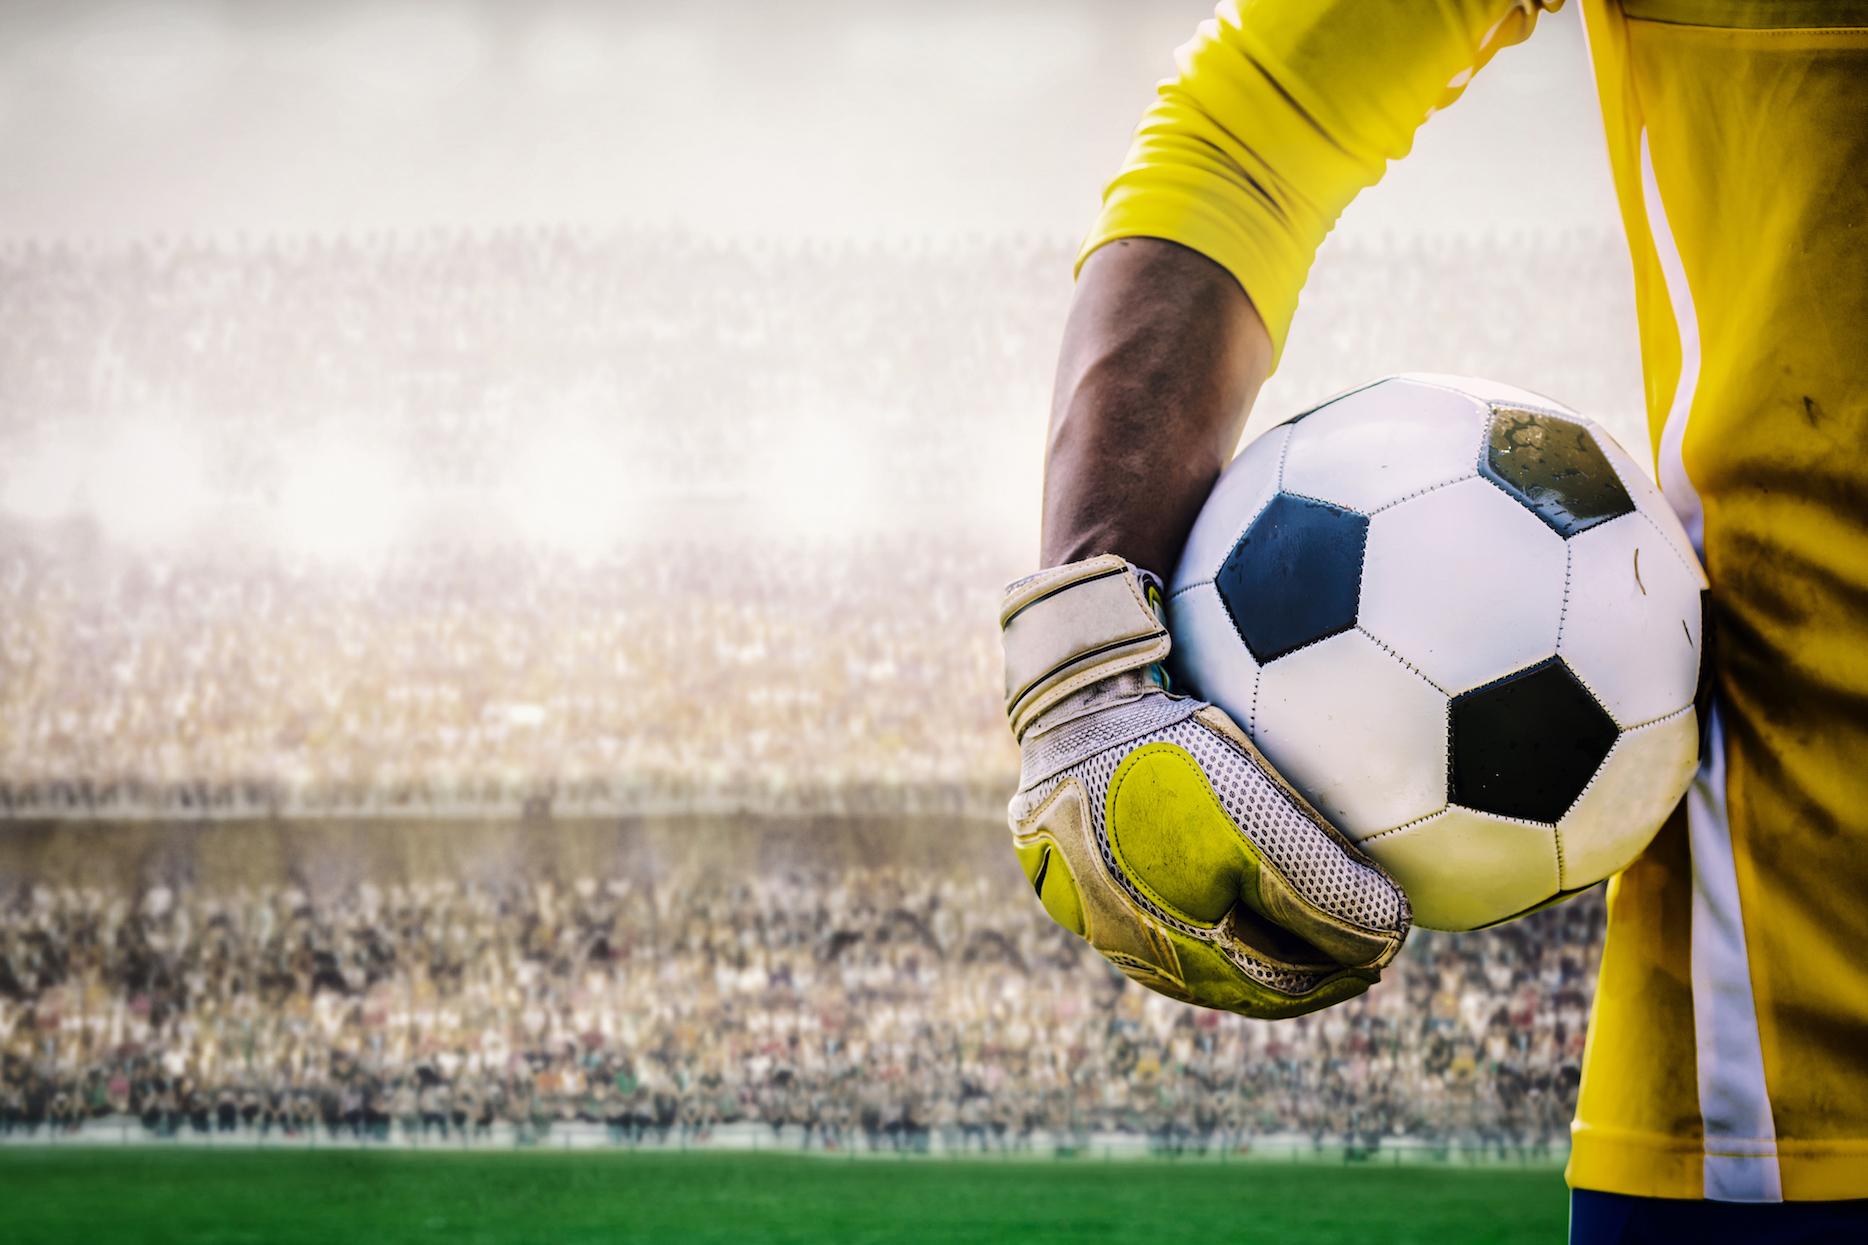 12 Estupendos Juegos Para Fomentar El Espiritu De Equipo Que Nadie